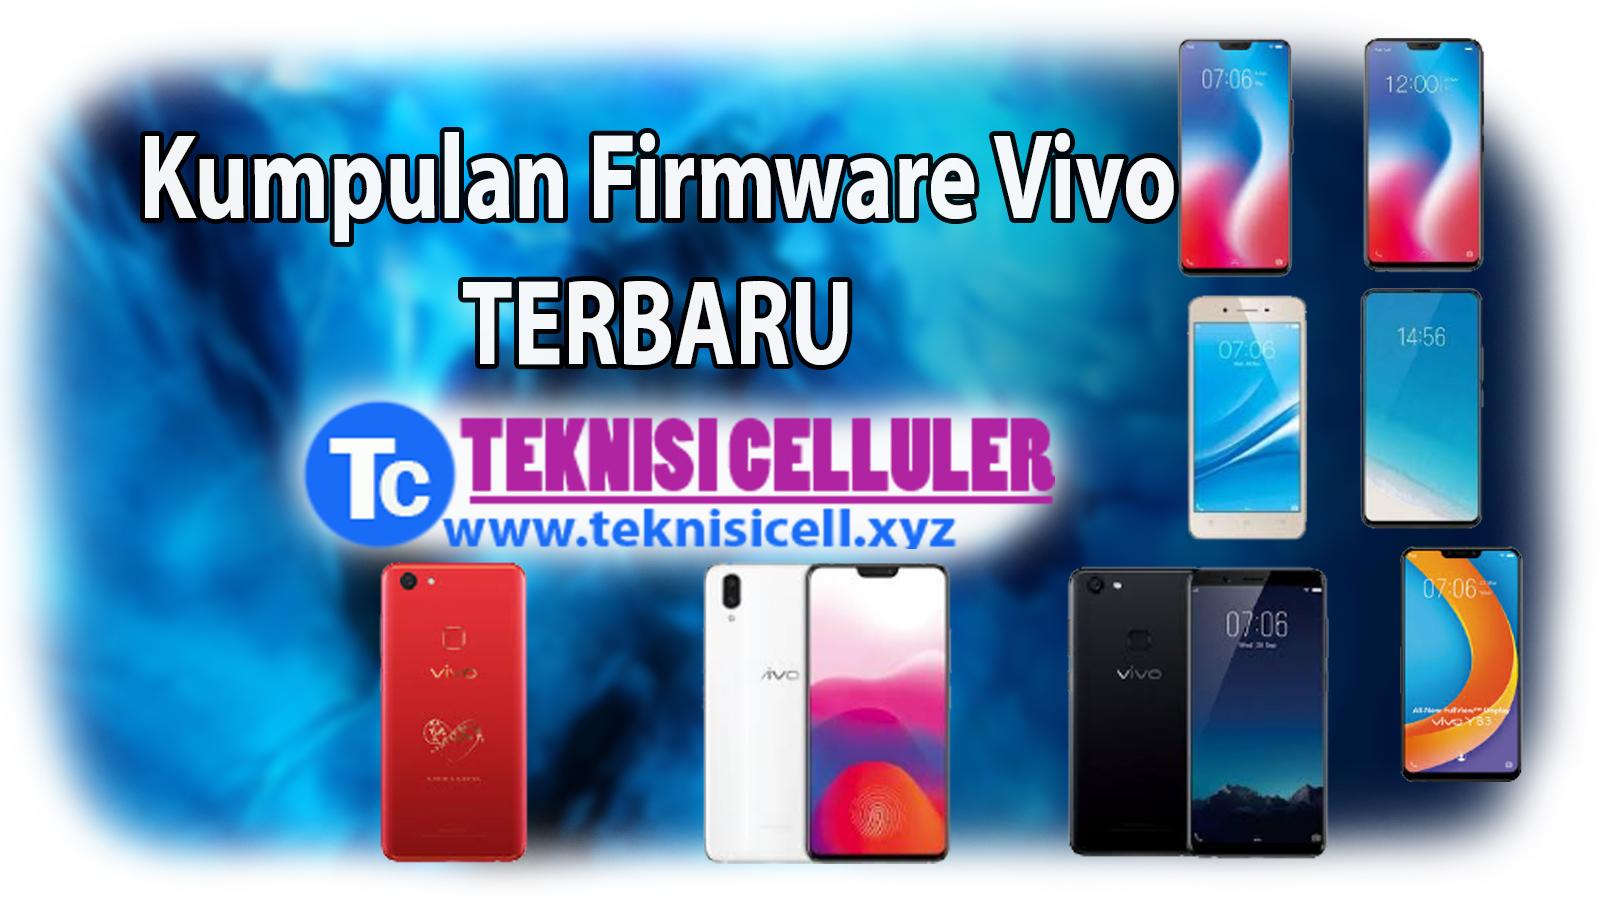 Download Kumpulan Firmware Vivo All Model Update Terbaru